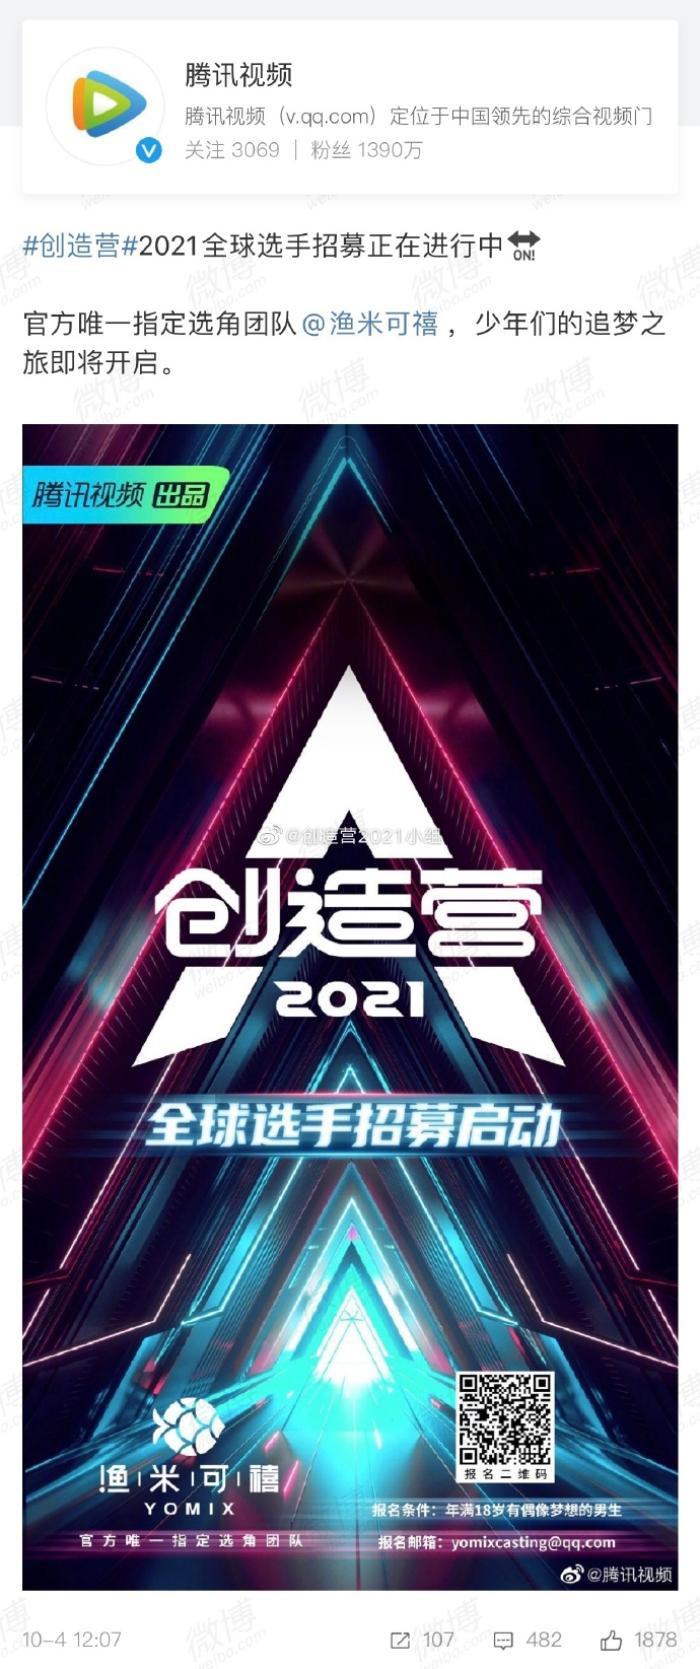 Đặng Siêu trở thành Host của Sáng tạo doanh 2021: Nhóm nhạc quốc tế tài năng chuẩn bị ra mắt Ảnh 1